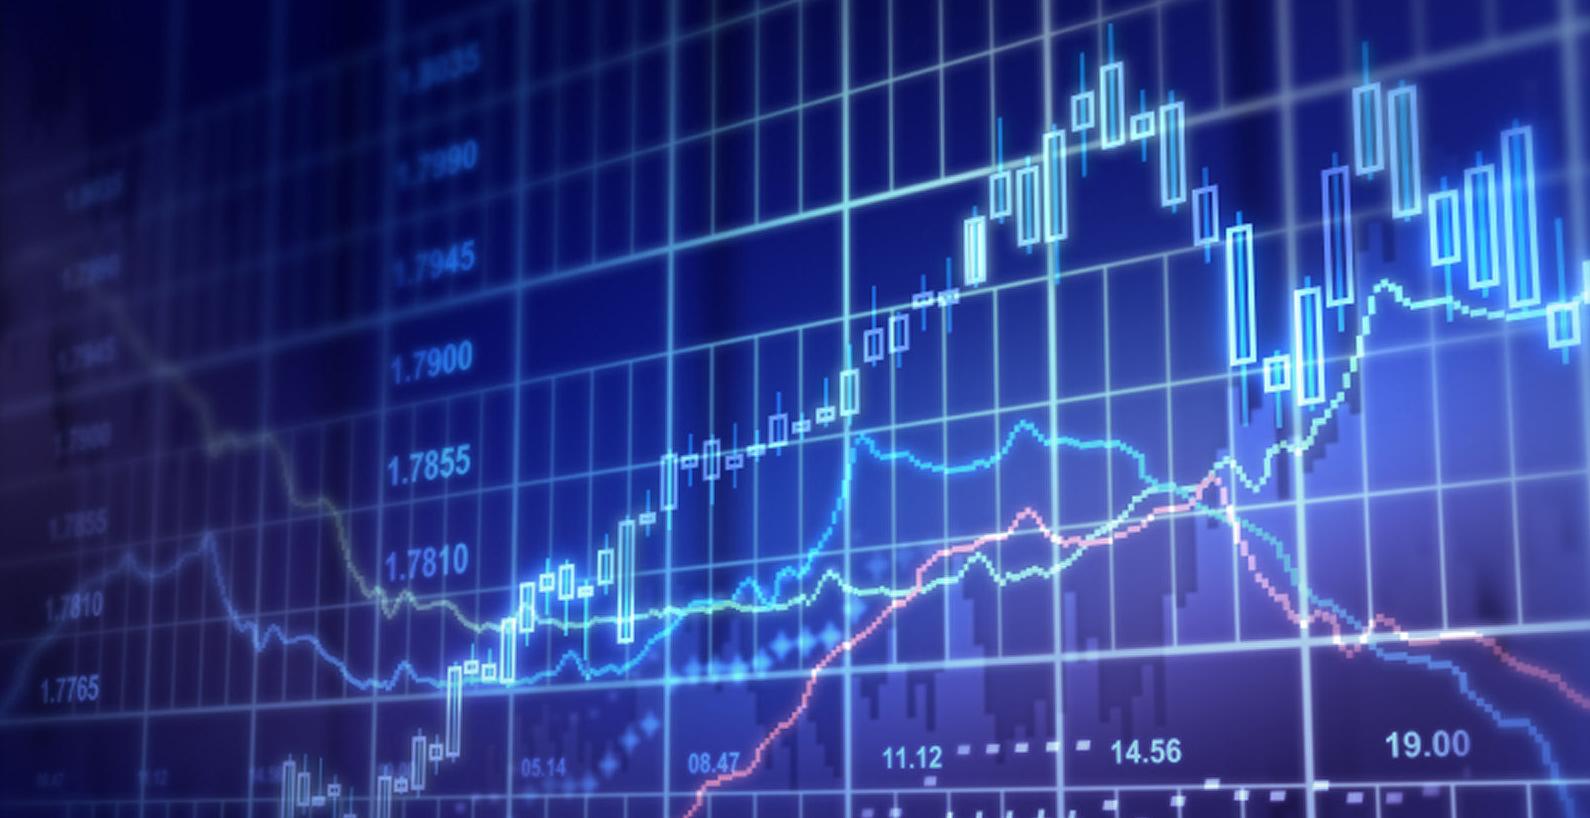 ANV, CTD, NT2, CRC, NET, DS3, NUE, LMI, C71: Thông tin giao dịch cổ phiếu